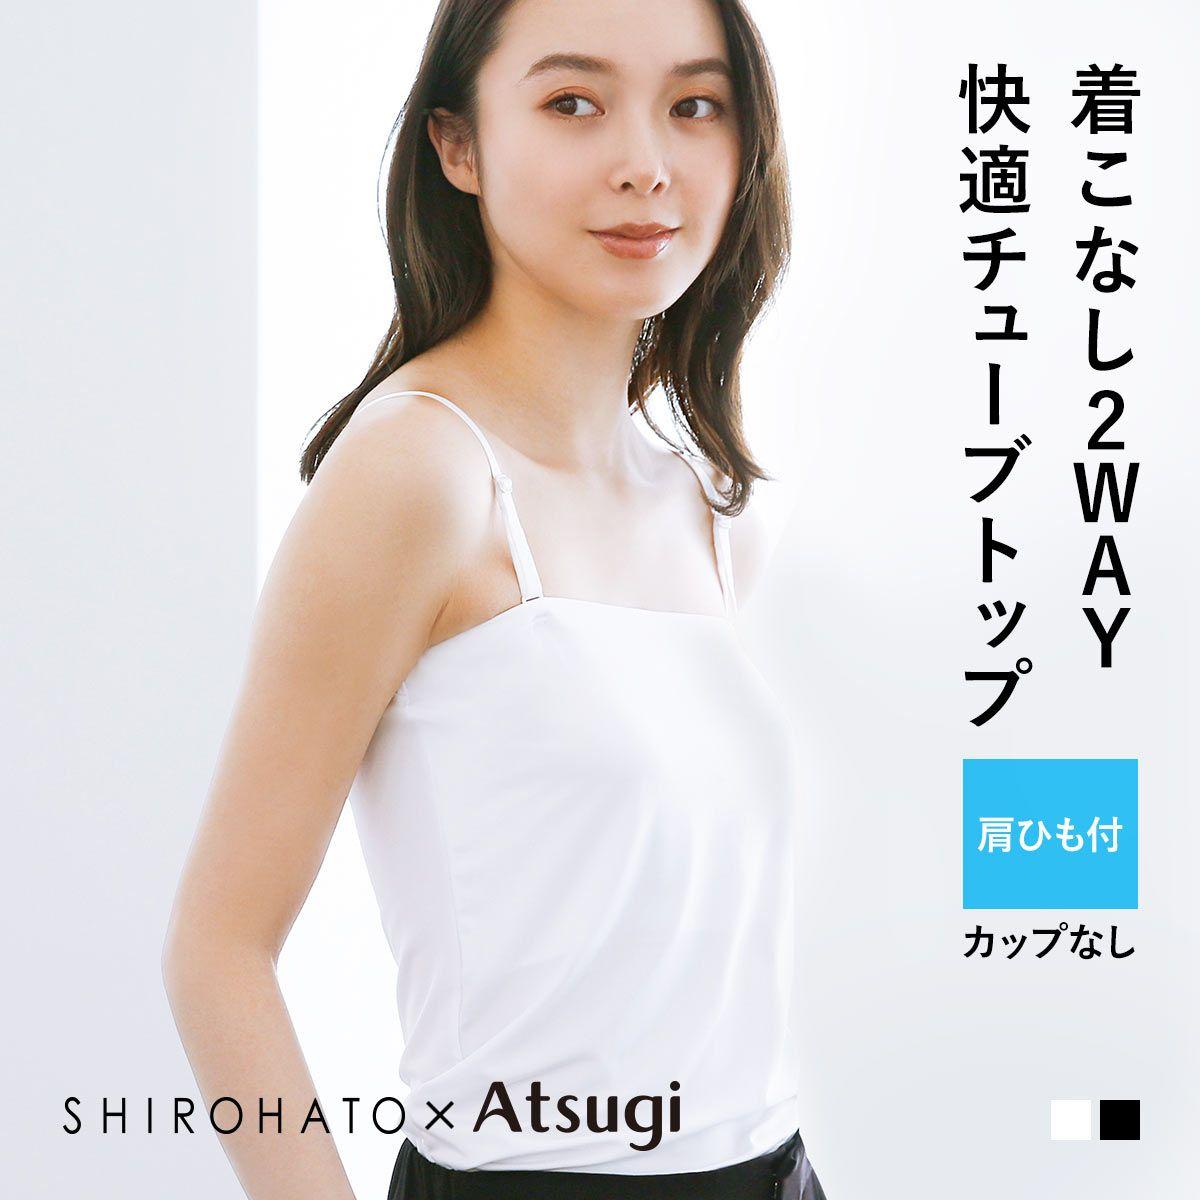 アツギ アイスドール×SHIROHATO コラボ レディース バスト2重 チューブトップ 吸湿冷感 涼感